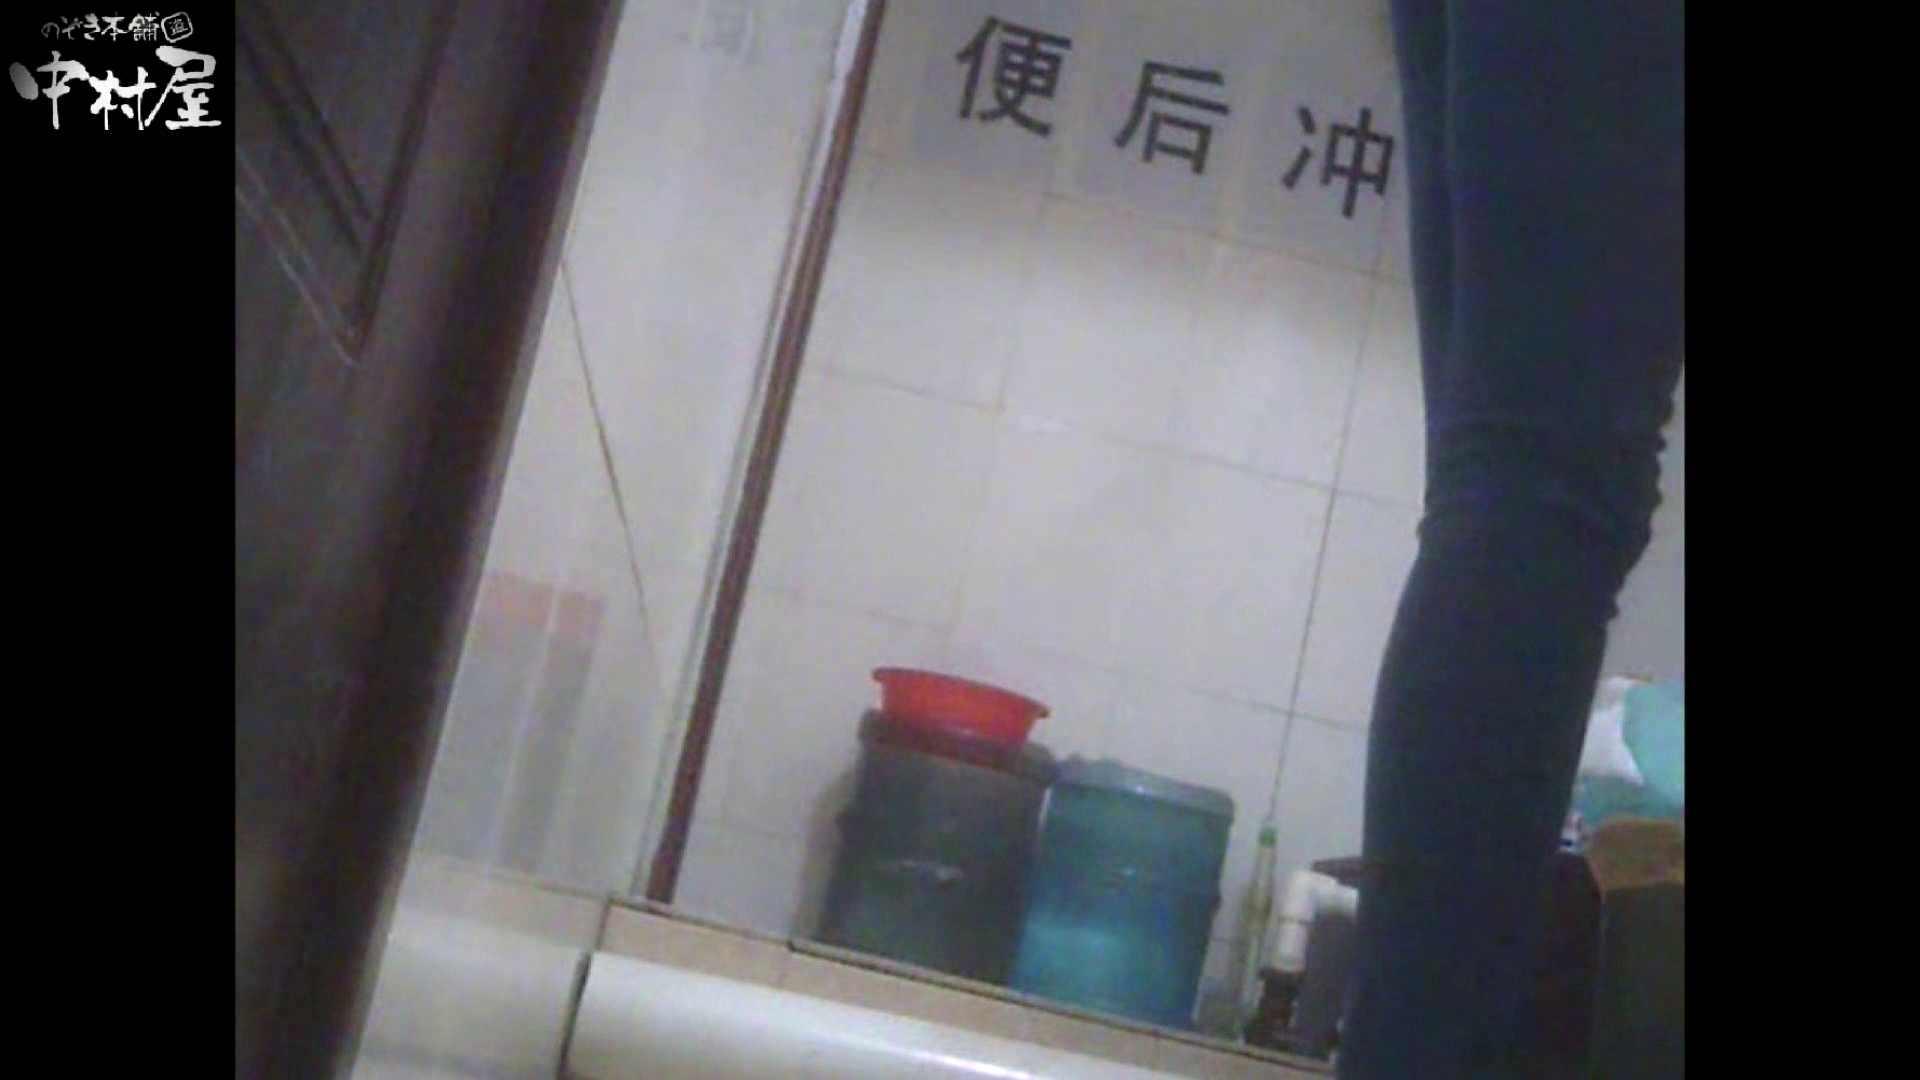 李さんの盗撮日記 Vol.09 盗撮 おめこ無修正画像 111画像 103